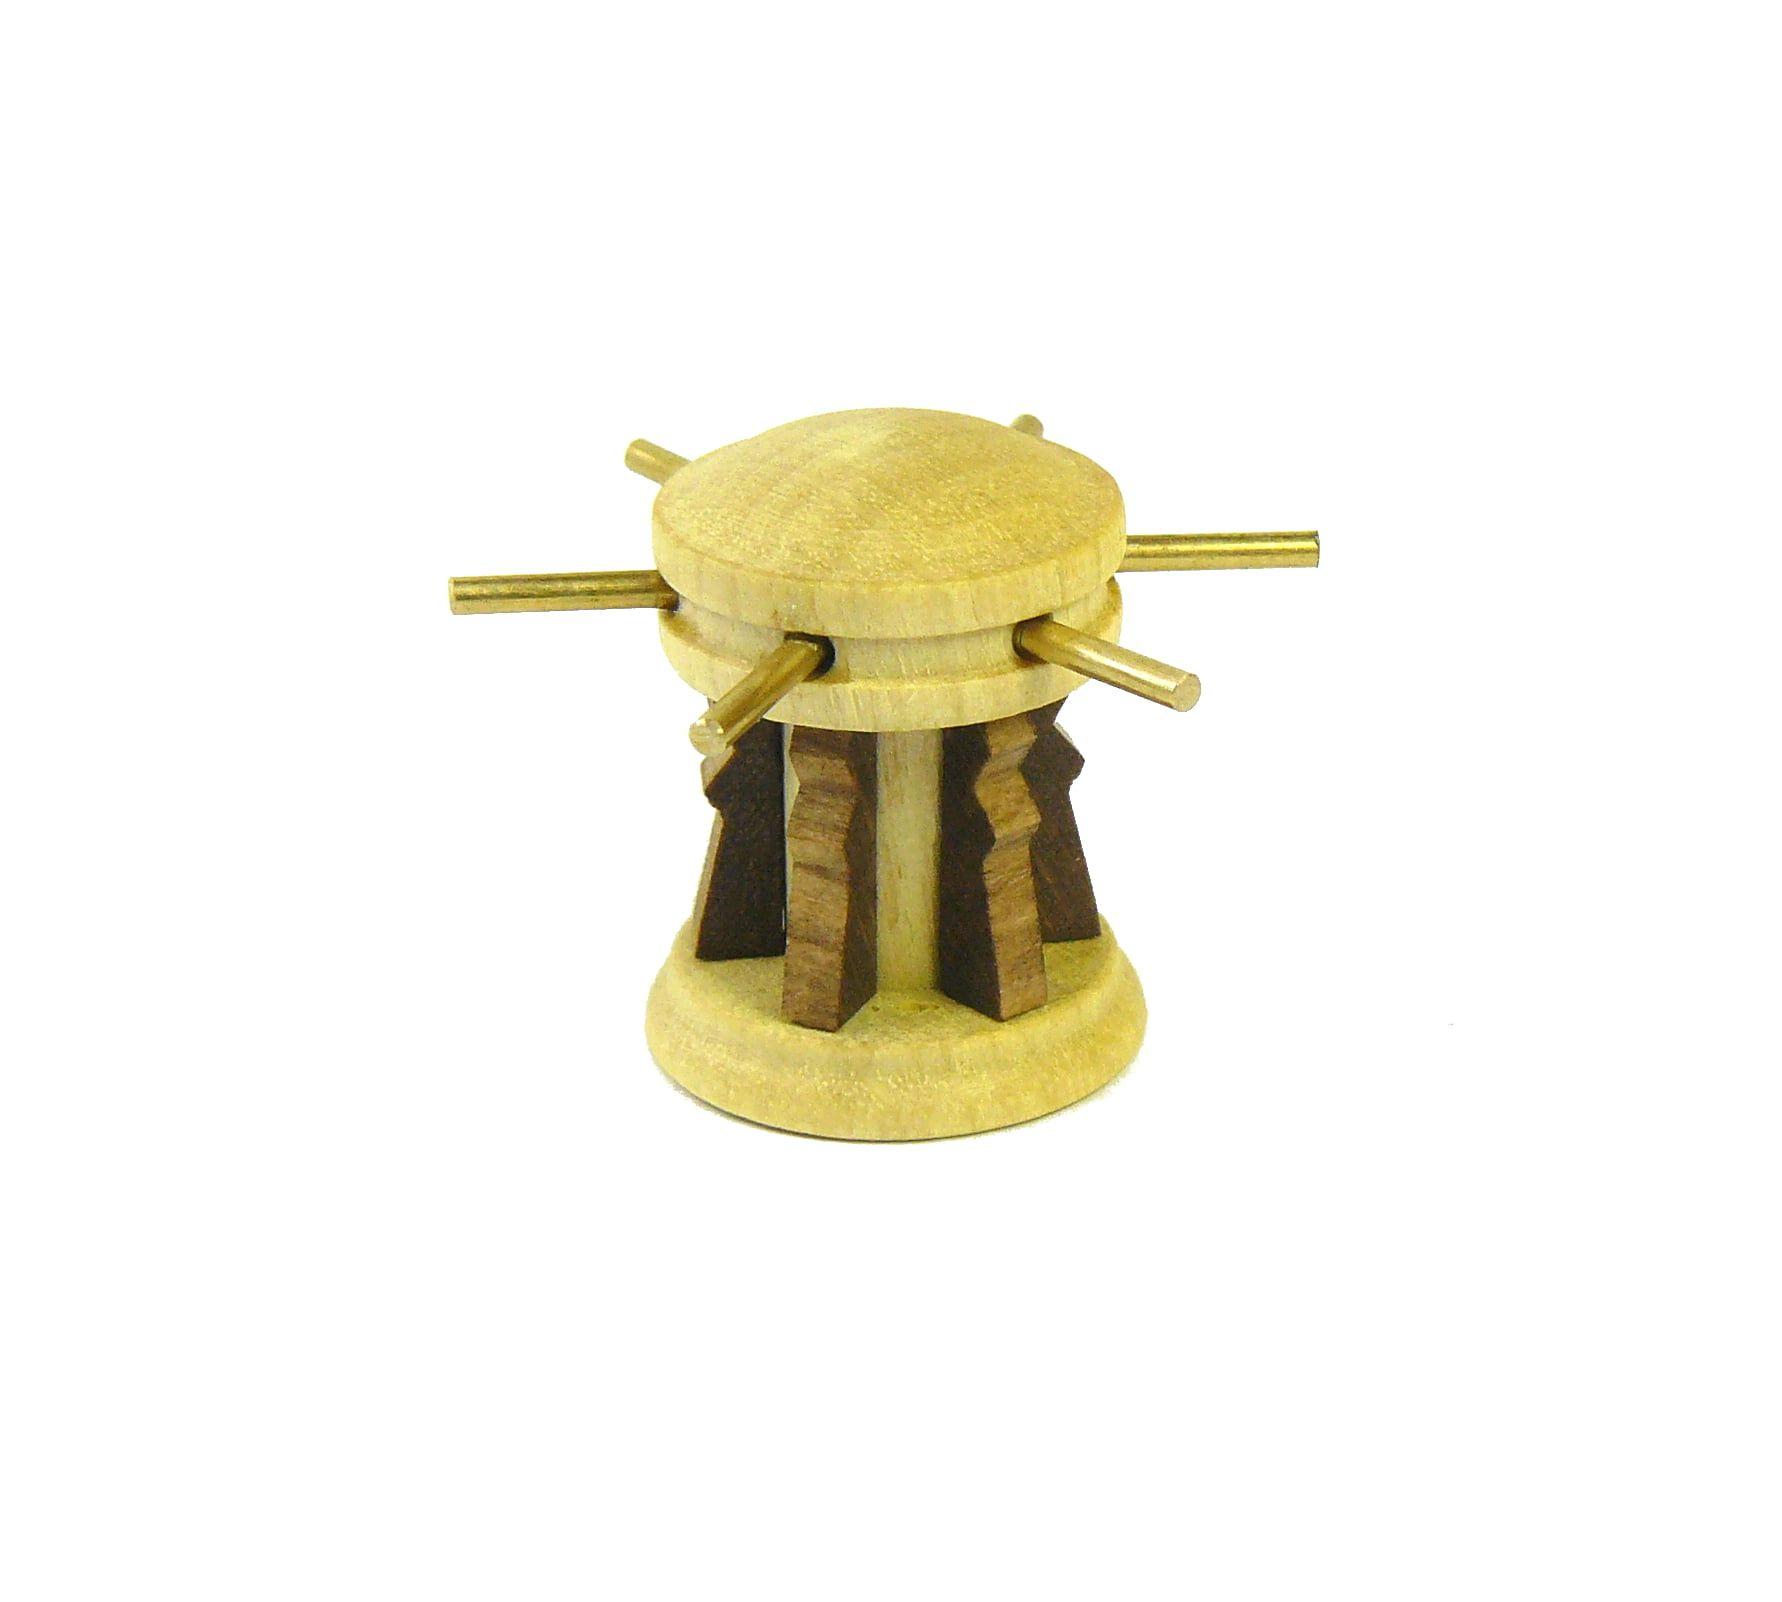 Wooden Capstan Kit For Model Ships